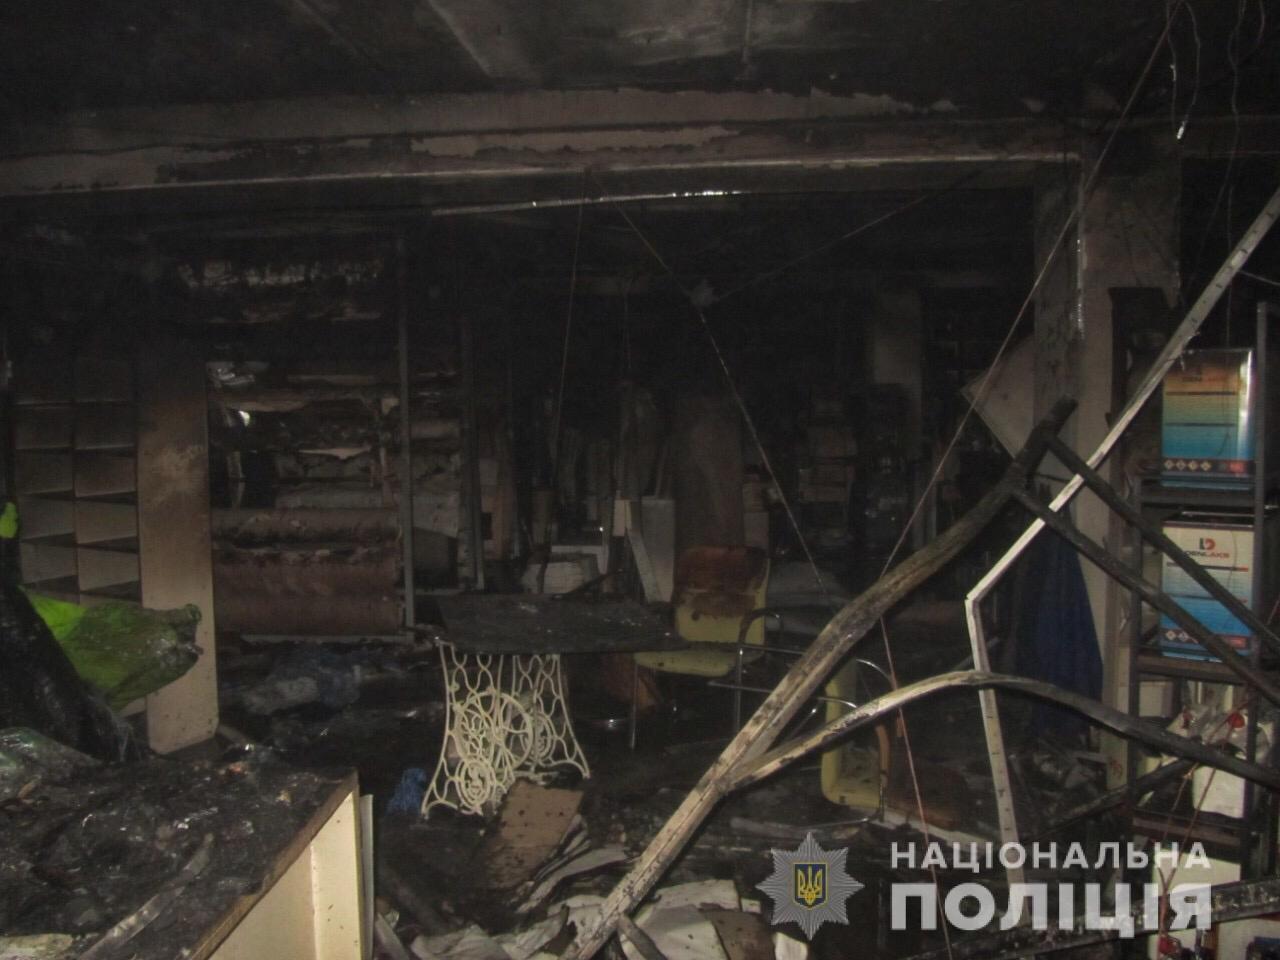 Пожар на швейных складах в Харькове. Неизвестные подожгли два помещения, - ФОТО, фото-7